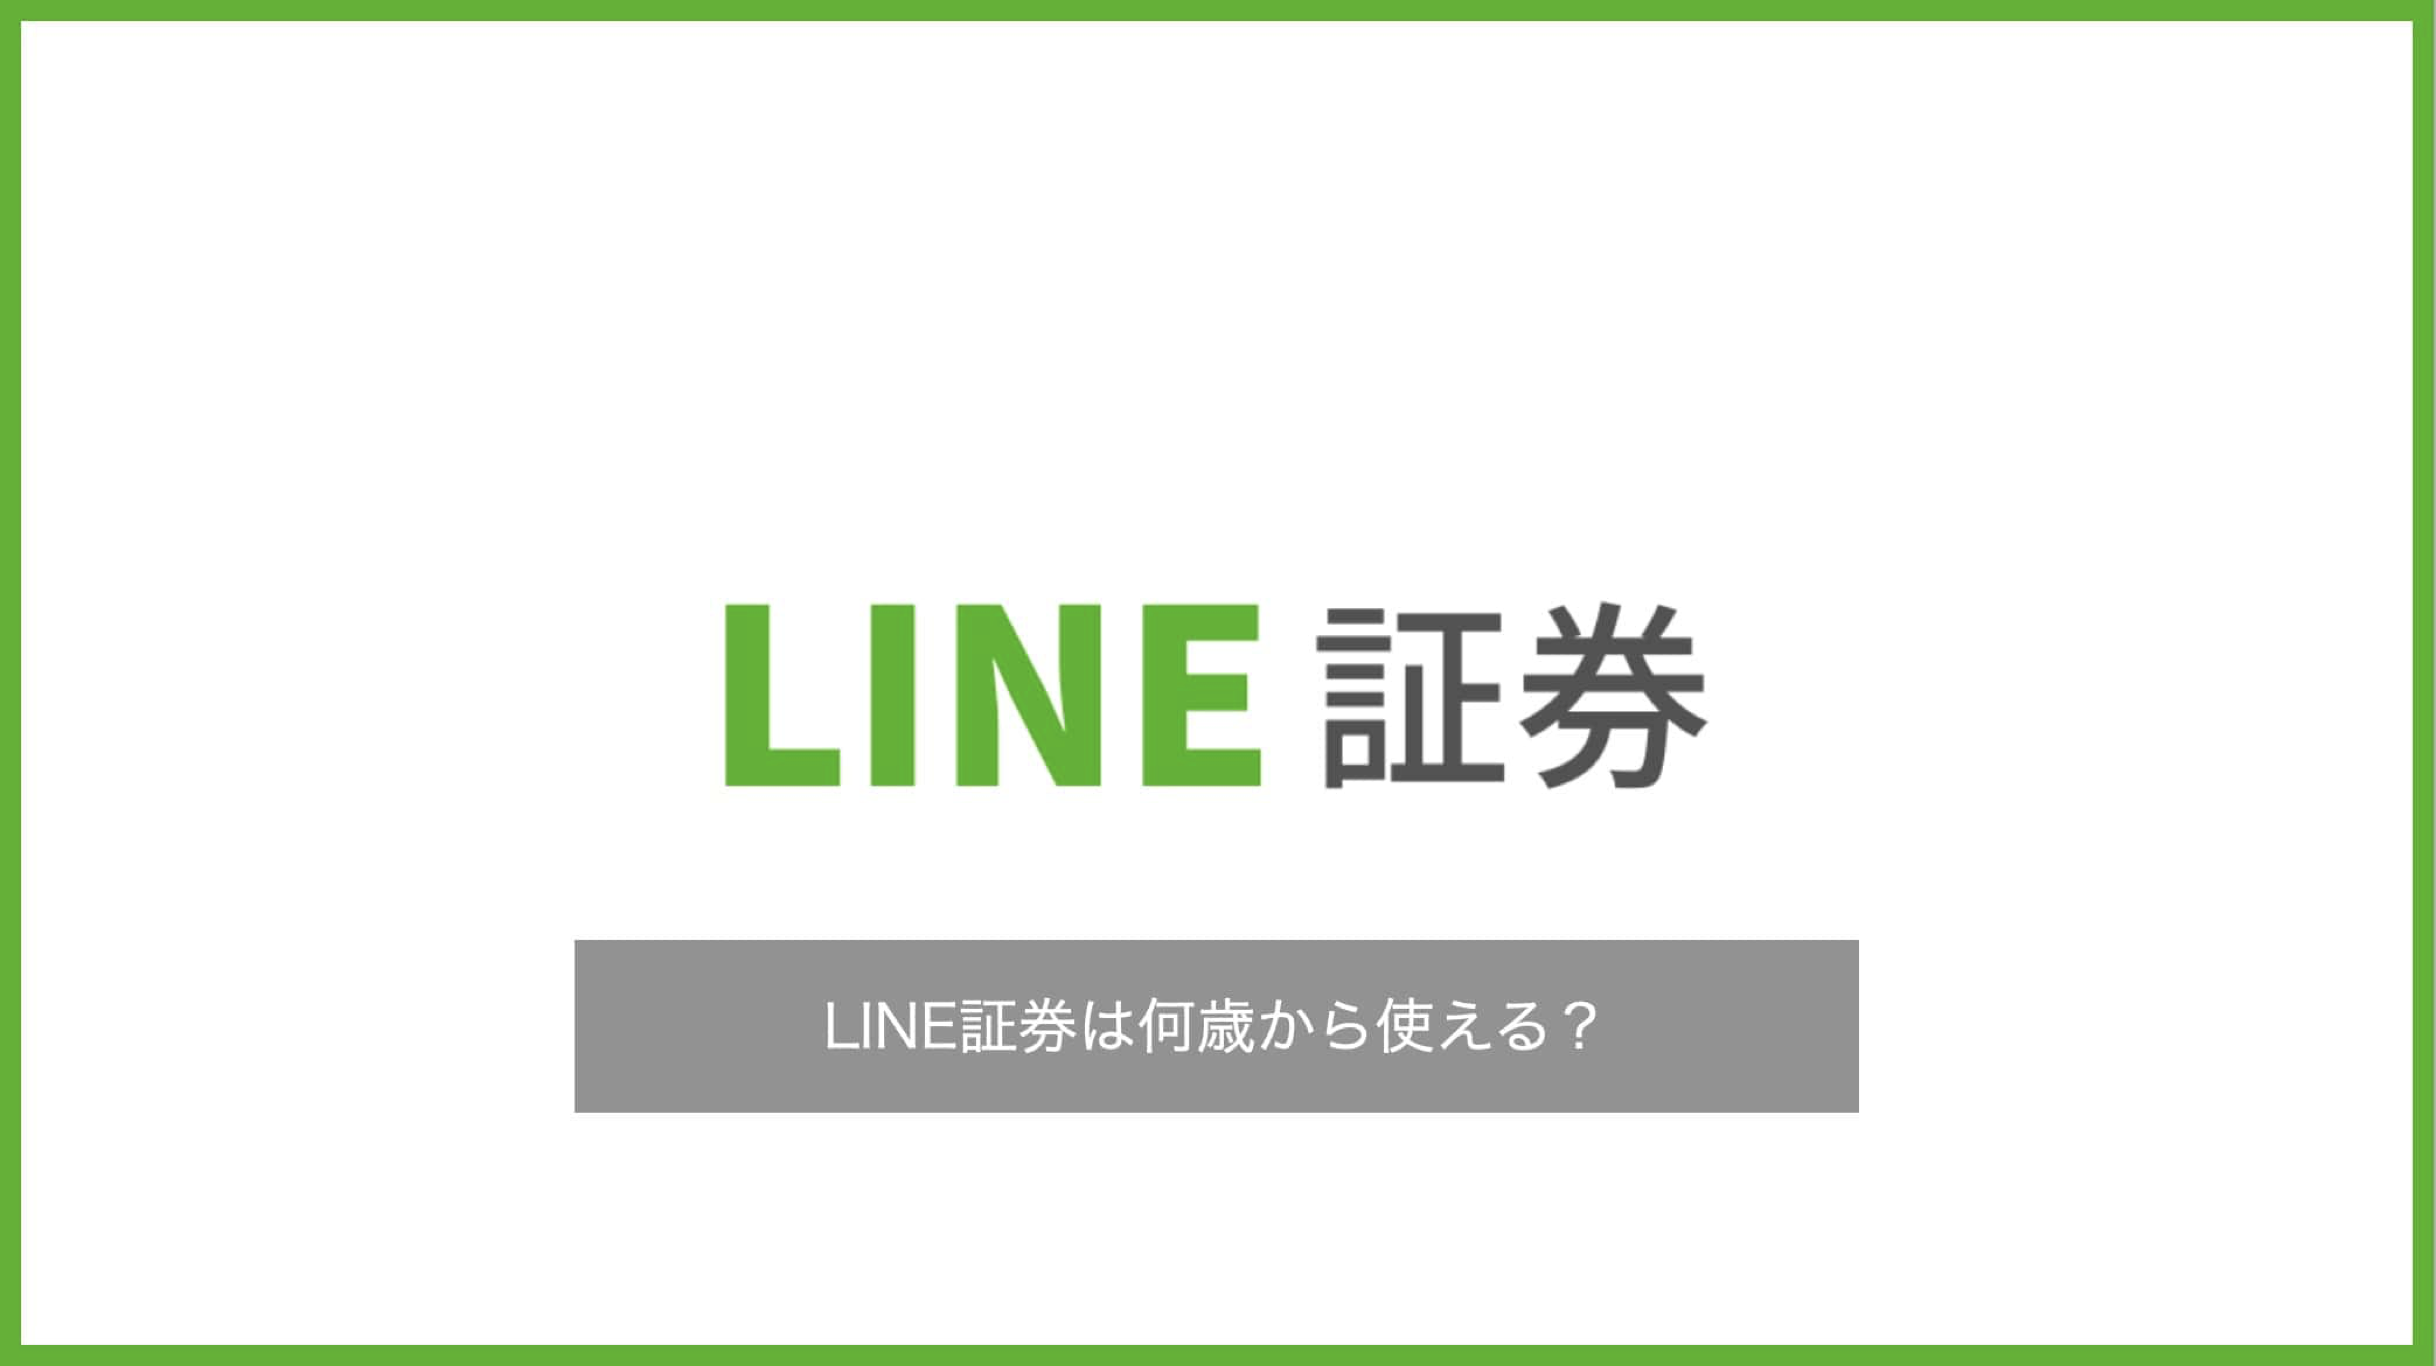 LINE証券は何歳から使える?未成年でも口座開設できるのか?